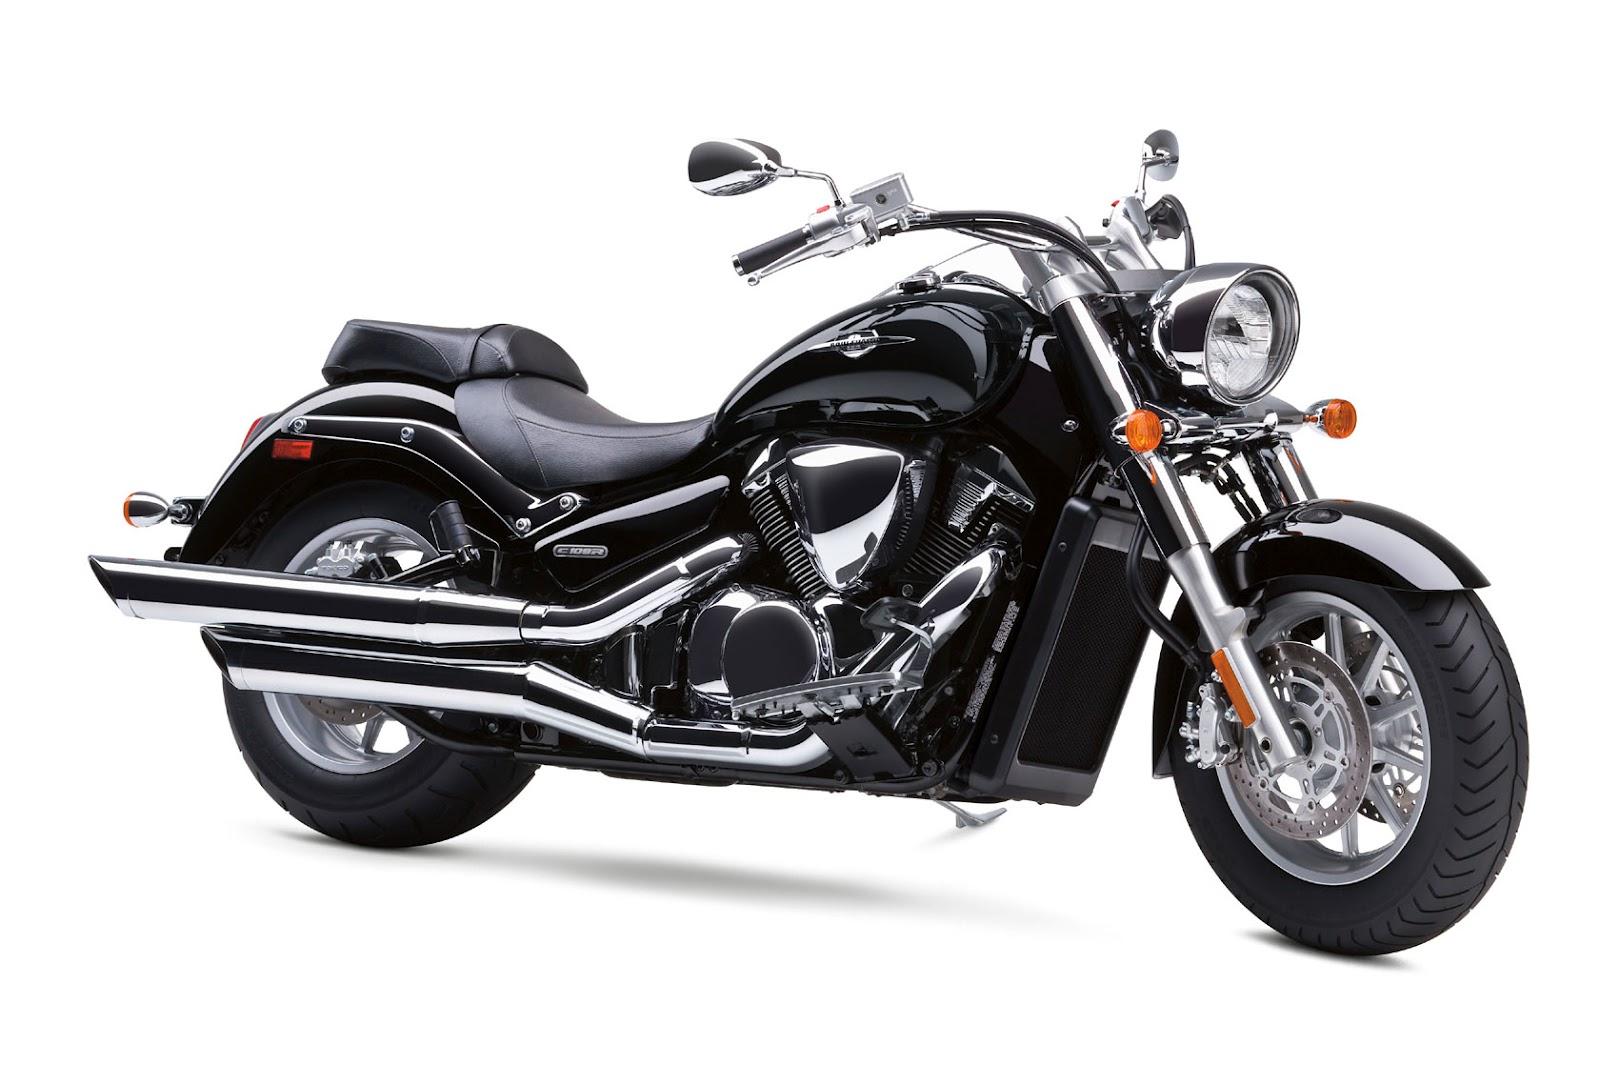 http://2.bp.blogspot.com/-rySTjcxk-J4/T6et1tstK5I/AAAAAAAAAik/RheWdpaDf5Y/s1600/2009-Suzuki-Boulevard-C109R-black.jpg